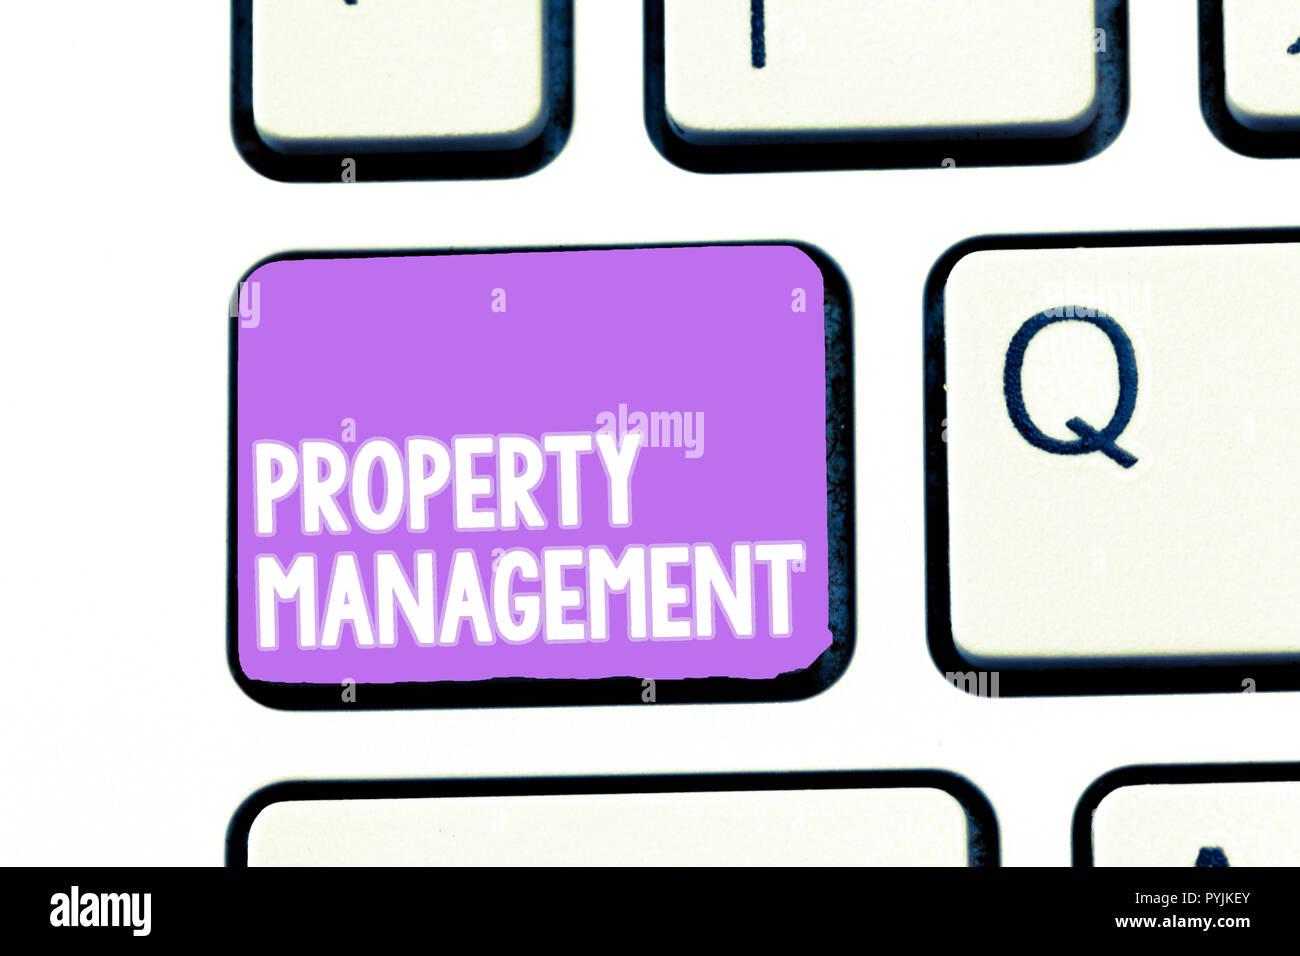 Schreiben Hinweis angezeigt Property Management. Business Foto präsentiert das Beaufsichtigen von Immobilien erhaltenen Wert der Anlage. Stockbild